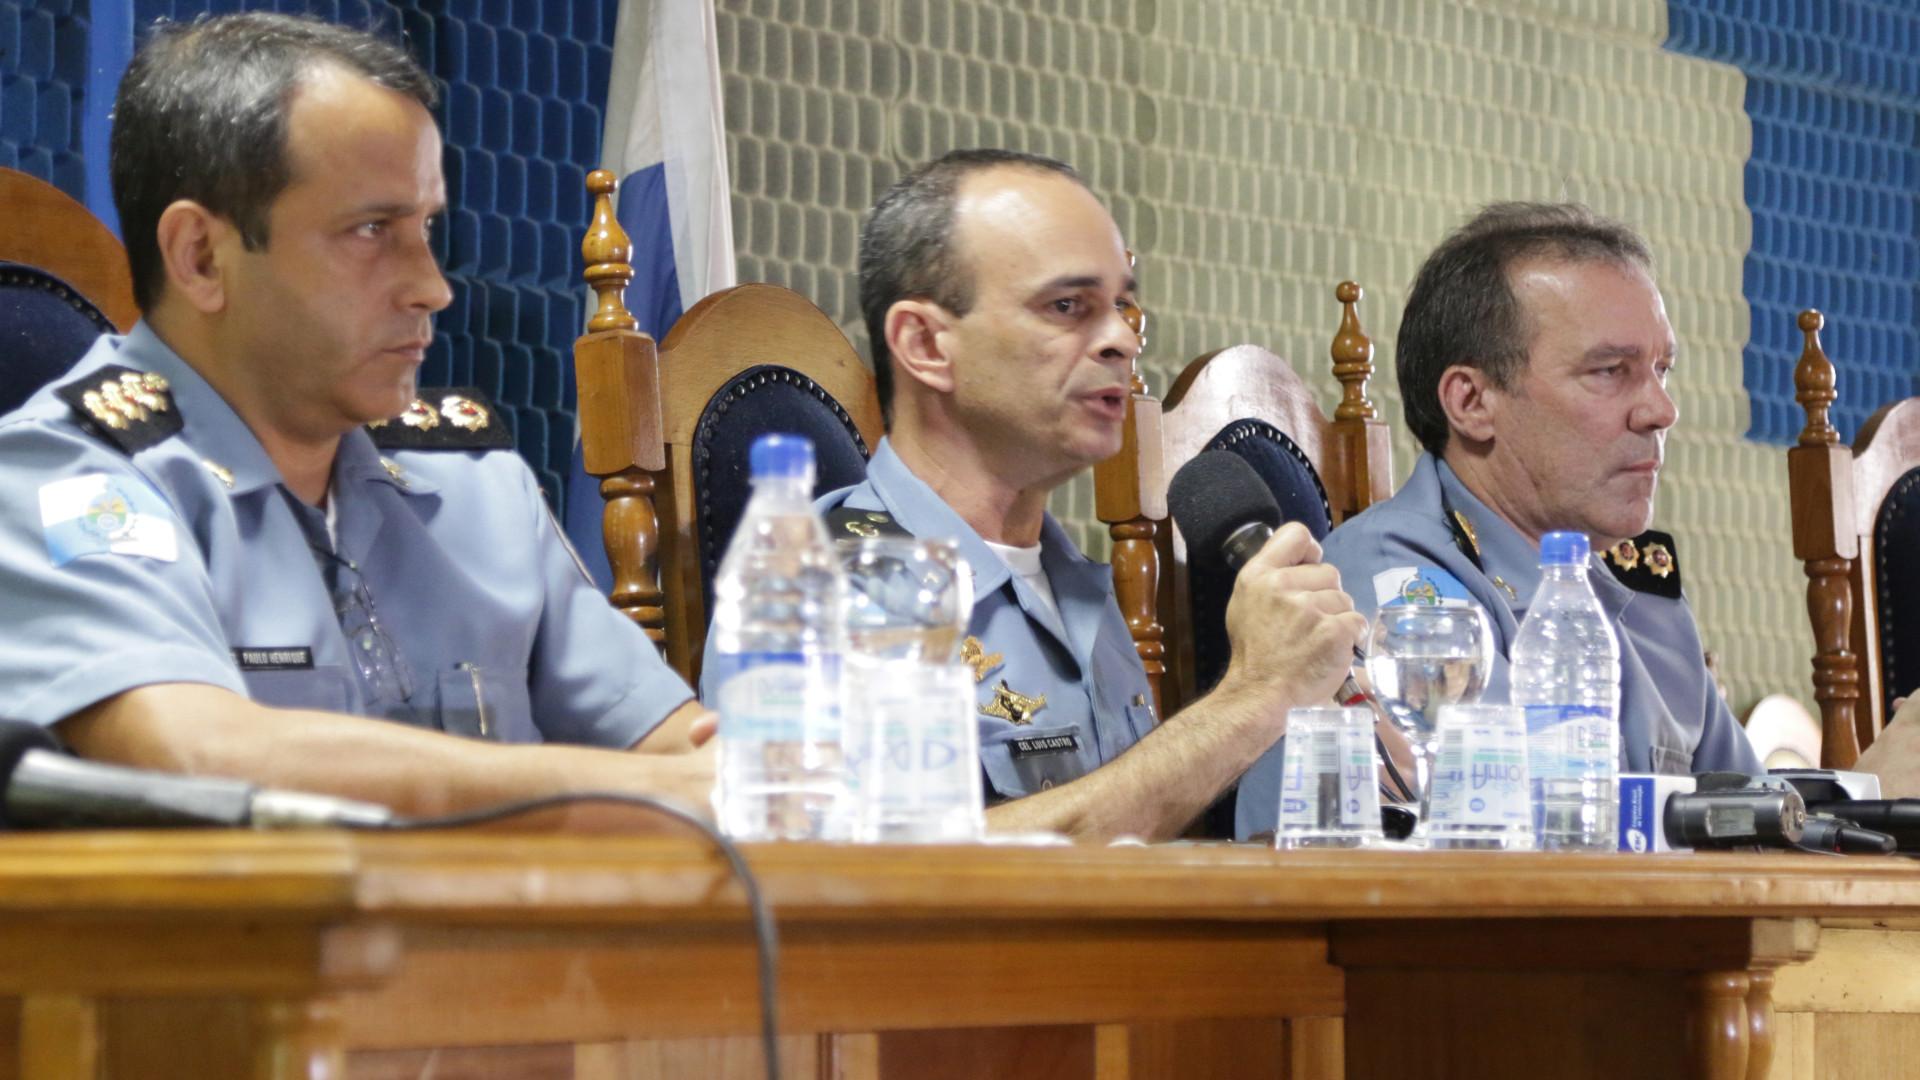 Coronel diz que oficial negociou propina com ex-comandante da PM do Rio